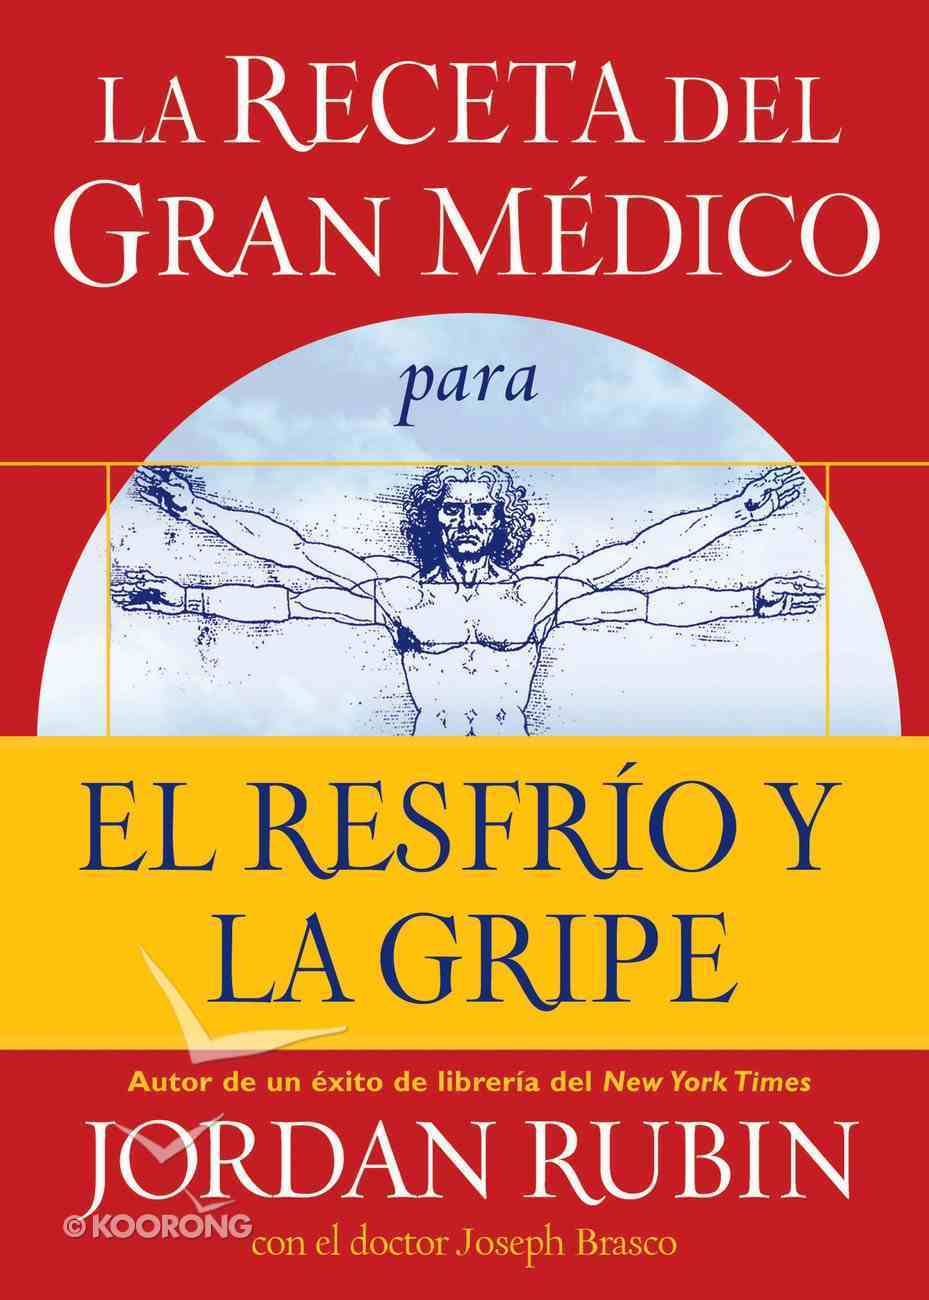 La Receta Del Gran Mdico Para El Resfro Y La Gripe, La eBook